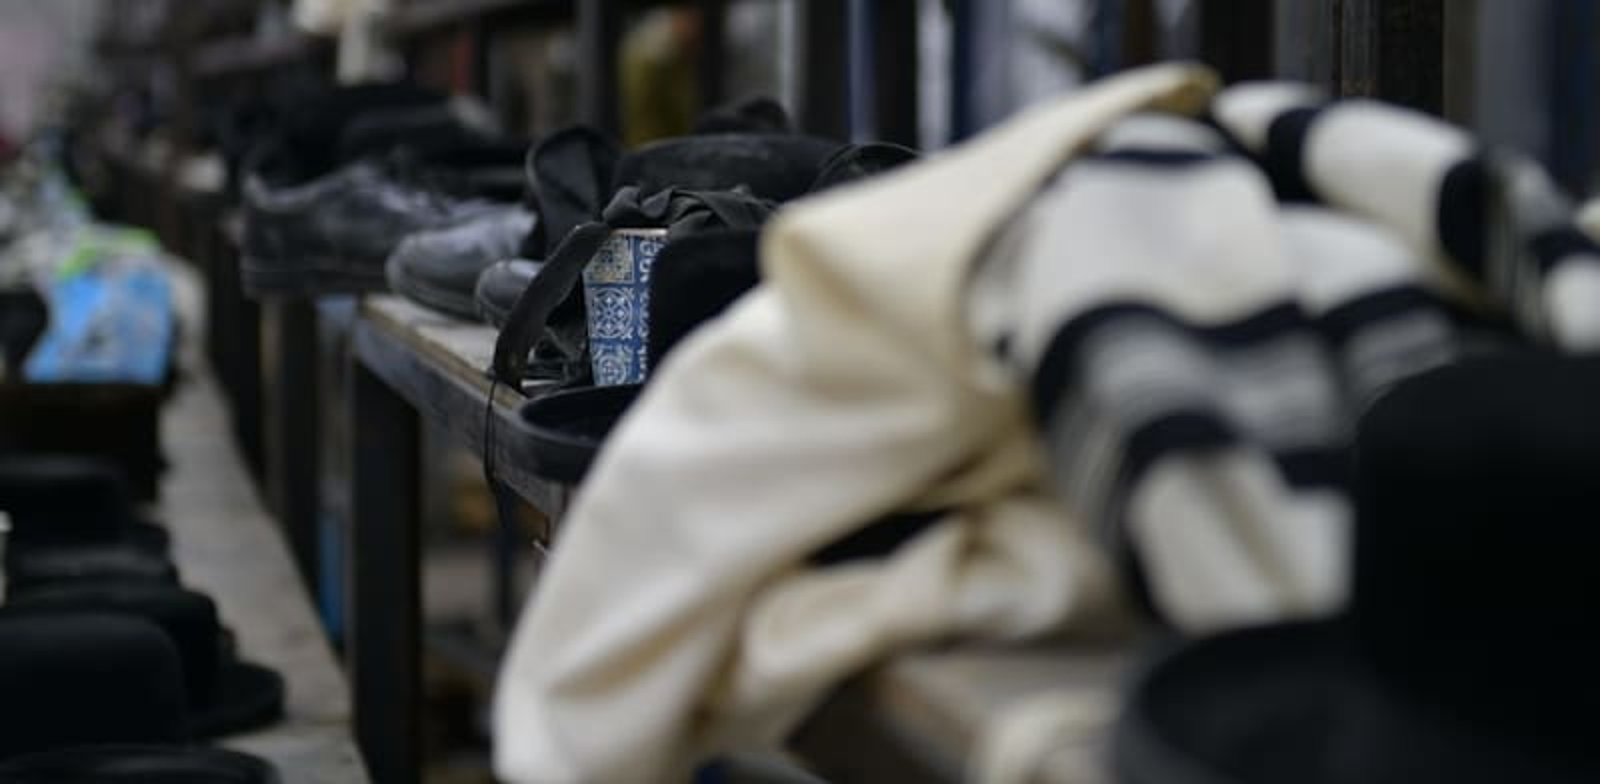 הרוגים ופצועים בקריסת טריבונה בבית כנסת בגבעת זאב / צילום: דוברות המשטרה